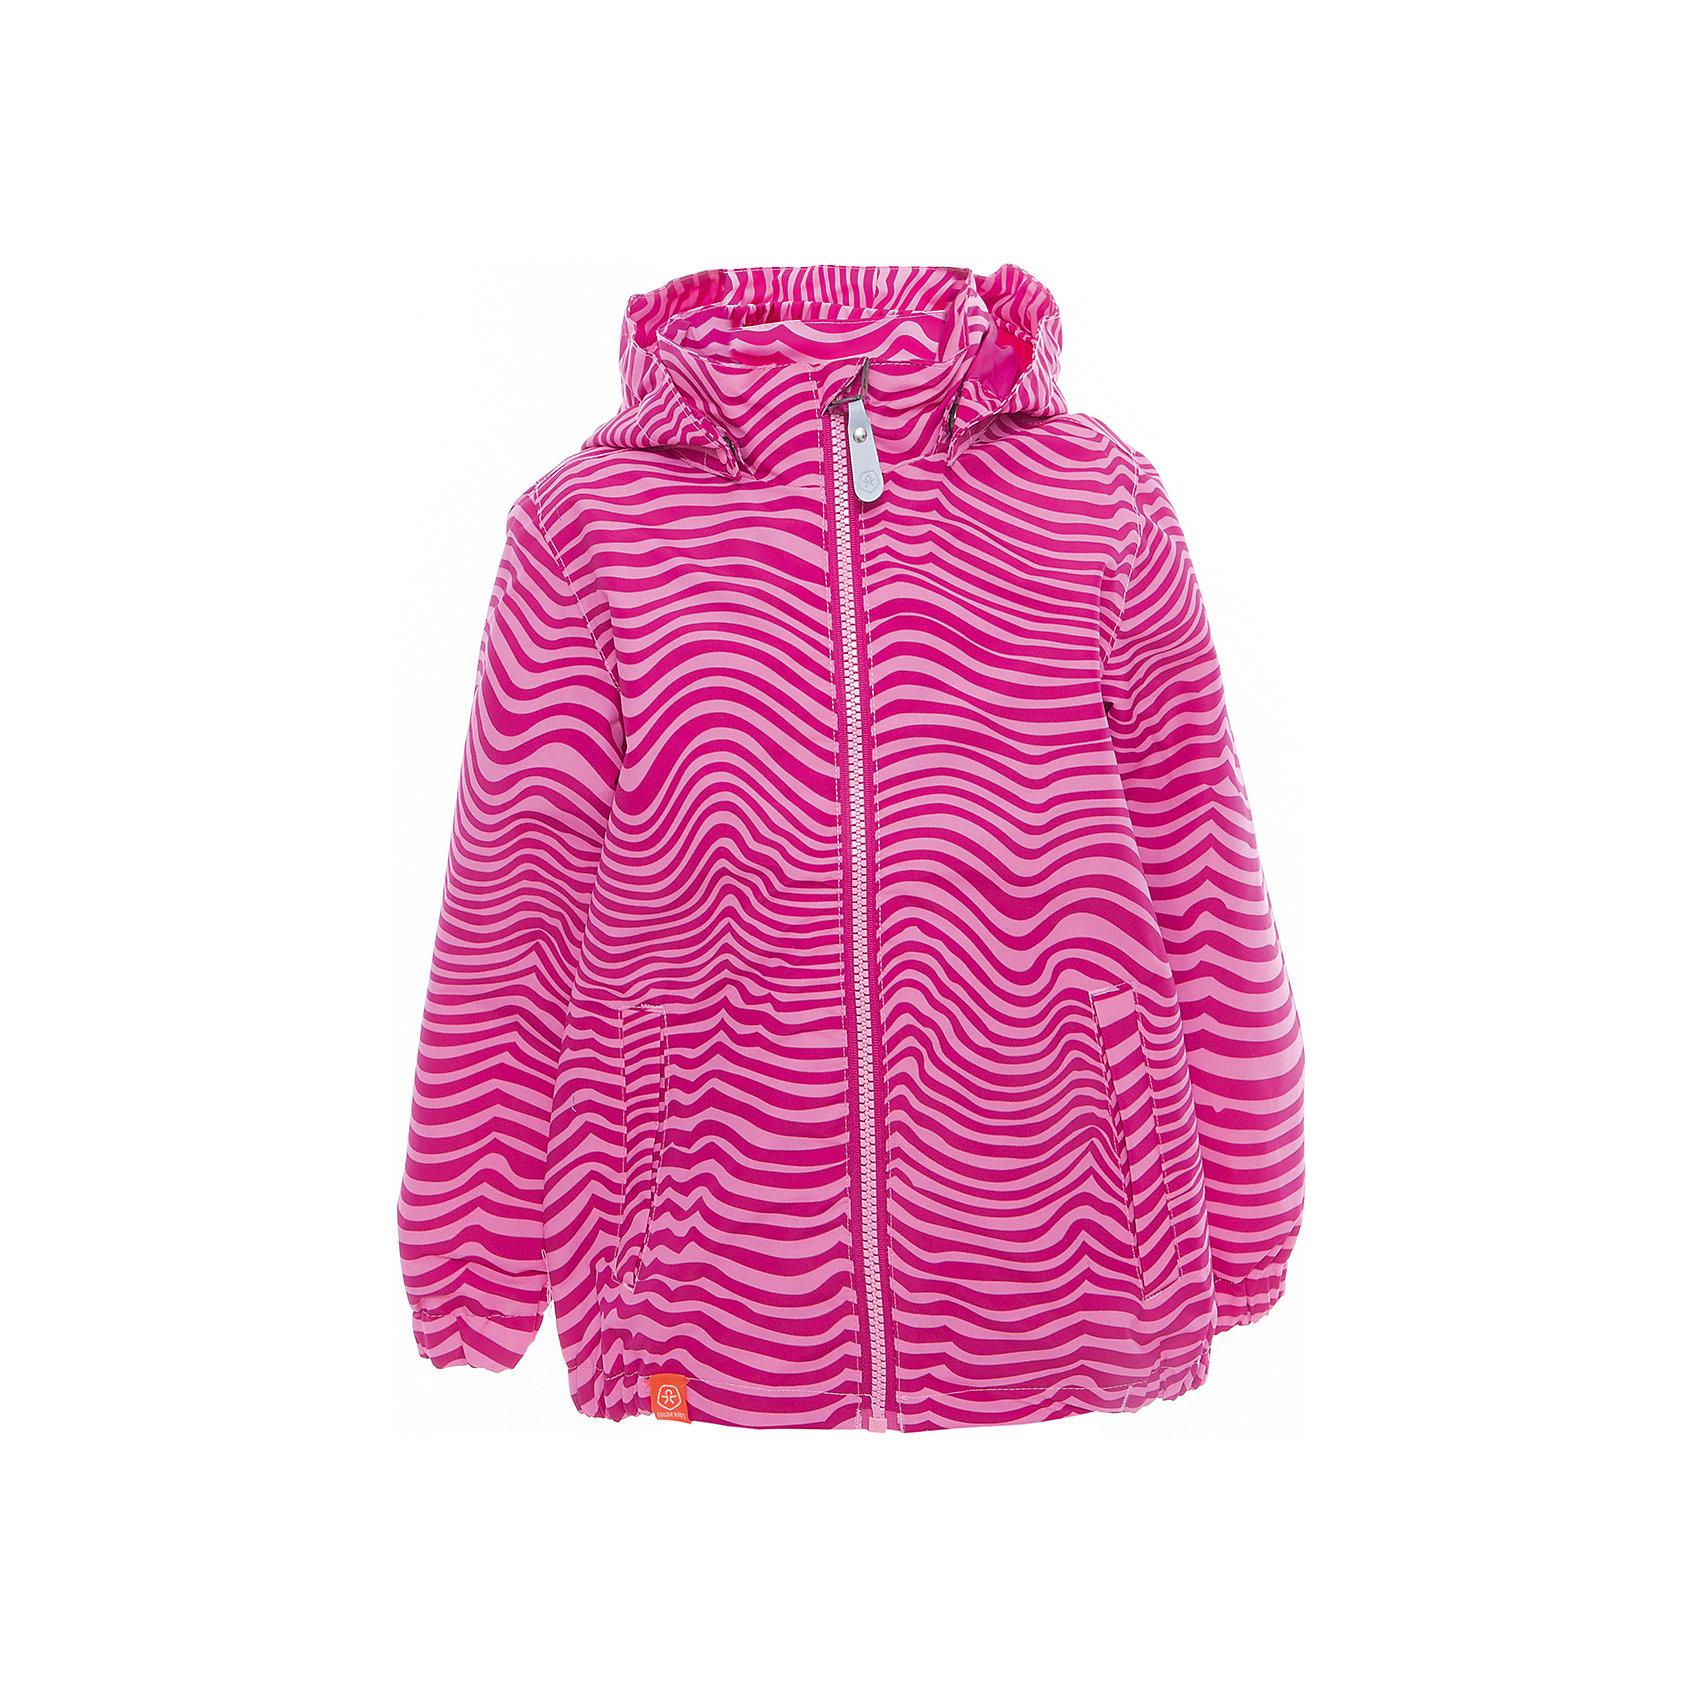 Ветровка для девочки Color KidsВерхняя одежда<br>Характеристики товара:<br><br>• цвет: розовый<br>• состав: 100 % полиэстер, таслан<br>• подкладка: 100 % полиэфир, тафетта<br>• без утеплителя<br>• температурный режим: +10 С° до +20 С°<br>• мембранная технология<br>• водонепроницаемость: 3000 мм<br>• воздухопроницаемость: 3000 мм<br>• пропитка BIONIC-FINISH® ECO не содержащая фтора, парафина и формальдегида (дополнительная защита от грязи)<br>• проклеенные швы<br>• утяжка по низу куртки<br>• светоотражающие детали<br>• швы проклеены<br>• съемный капюшон<br>• защита подбородка<br>• два кармана на молнии<br>• логотип<br>• страна бренда: Дания<br><br>Эта симпатичная и удобная куртка сделана из непромокаемого легкого материала, поэтому отлично подойдет для дождливой погоды в межсезонье. Она комфортно сидит и обеспечивает ребенку необходимое удобство. Очень стильно смотрится.<br><br>Ветровку для мальчика от датского бренда Color Kids (Колор кидз) можно купить в нашем интернет-магазине.<br><br>Ширина мм: 356<br>Глубина мм: 10<br>Высота мм: 245<br>Вес г: 519<br>Цвет: розовый<br>Возраст от месяцев: 108<br>Возраст до месяцев: 120<br>Пол: Женский<br>Возраст: Детский<br>Размер: 140,152,92,98,104,110,116,122,128<br>SKU: 5443049